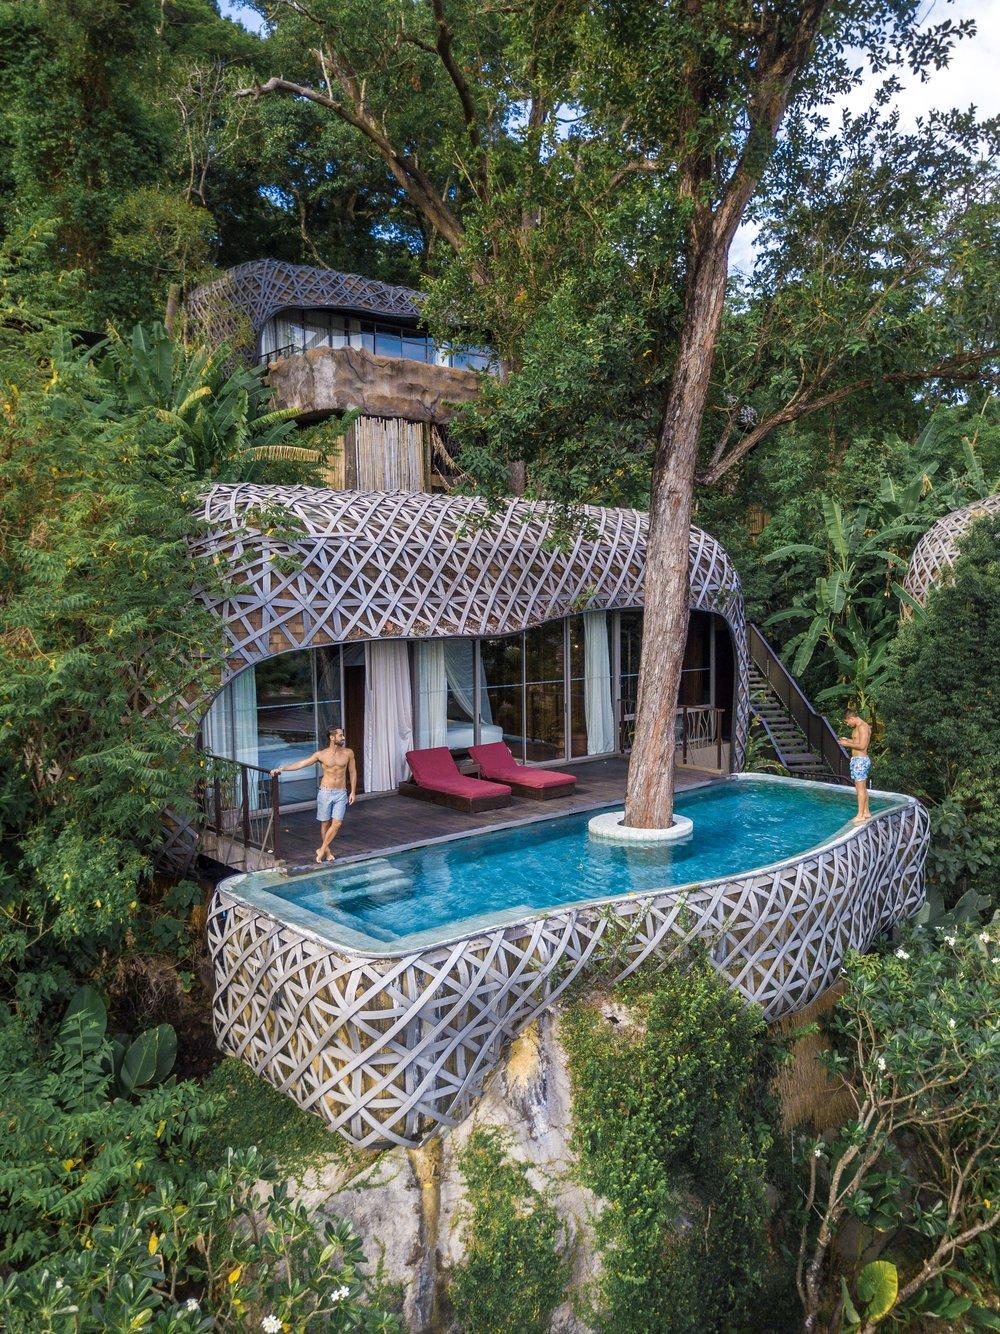 A Bird's Nest Villa talvez seja a mais famosa do hotel que fica localizado em meio à mata na ilha de Phuket. O design lembra um ninho de pássaro.